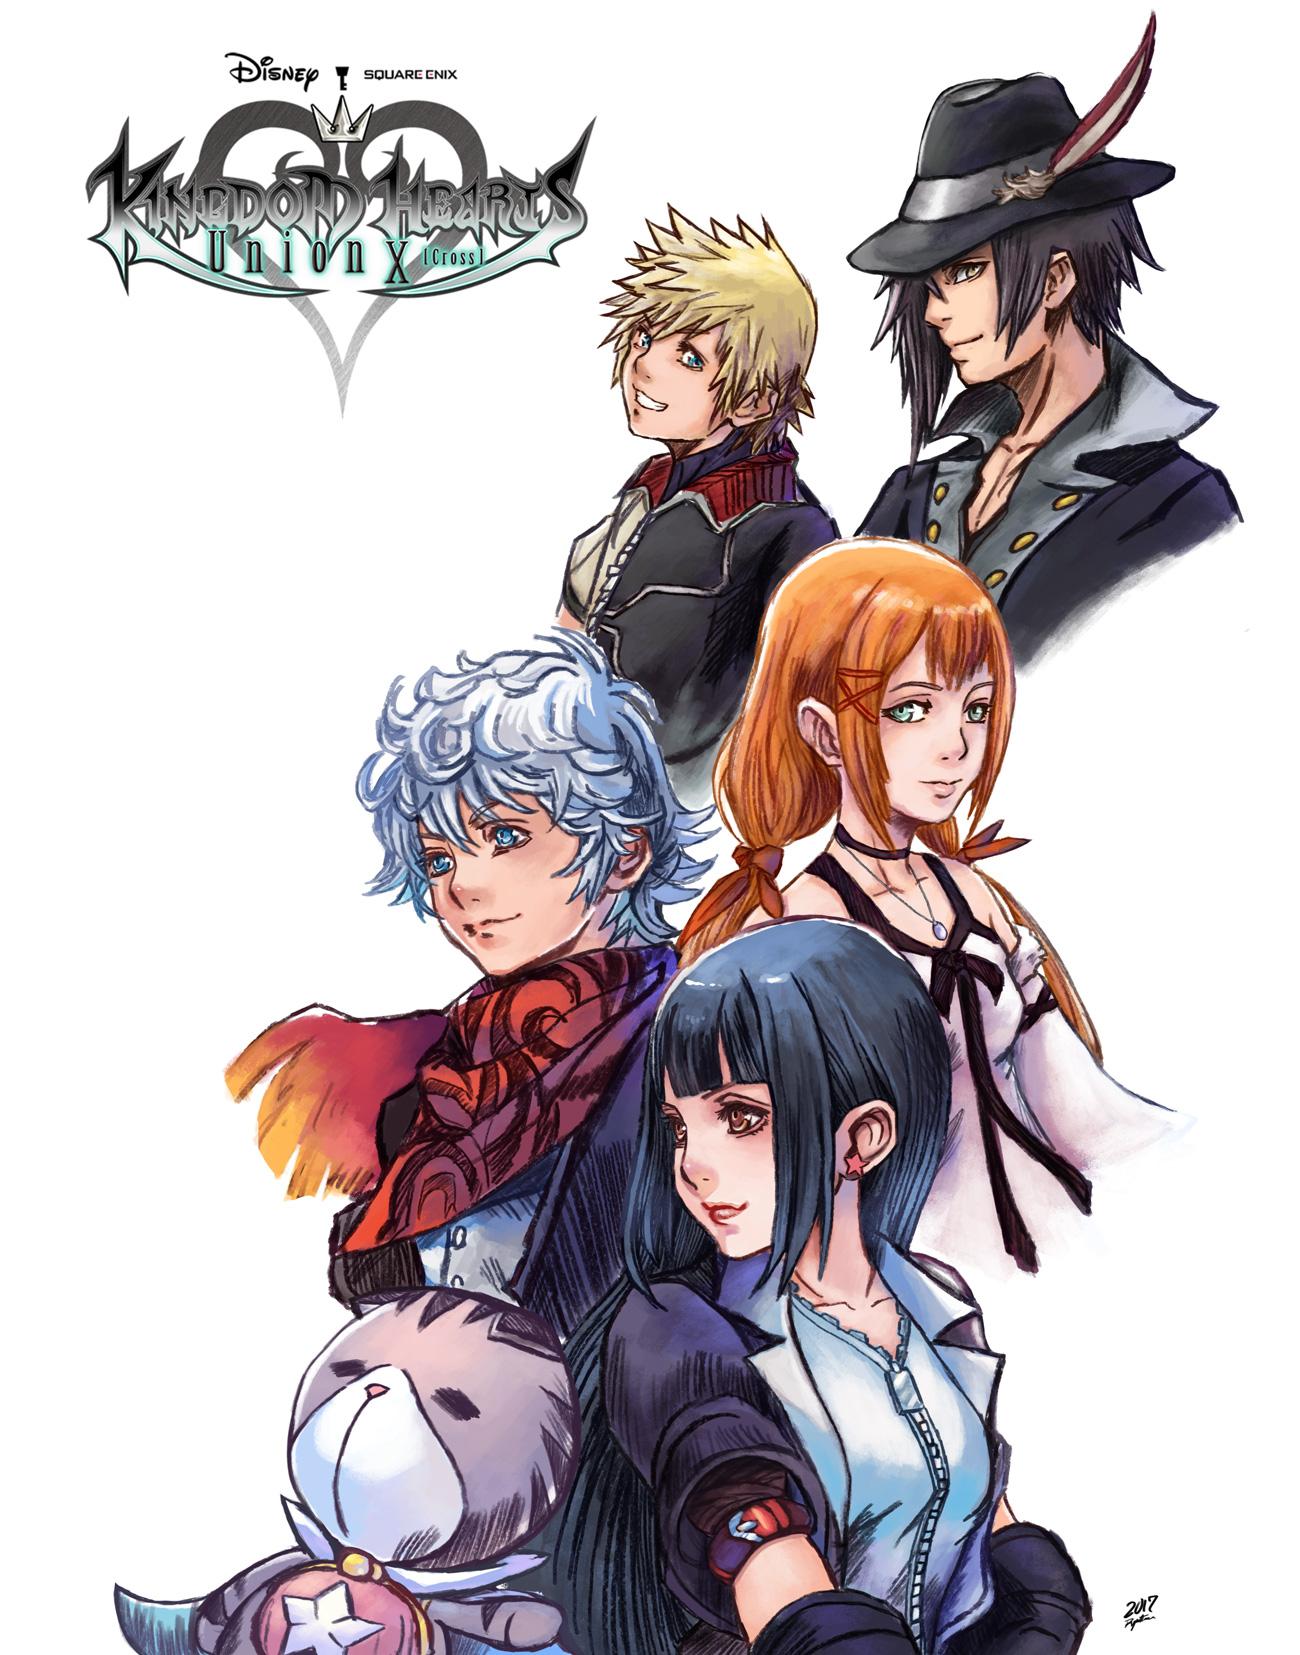 Kingdom Hearts Union X Dandelions by Raprankster on DeviantArt